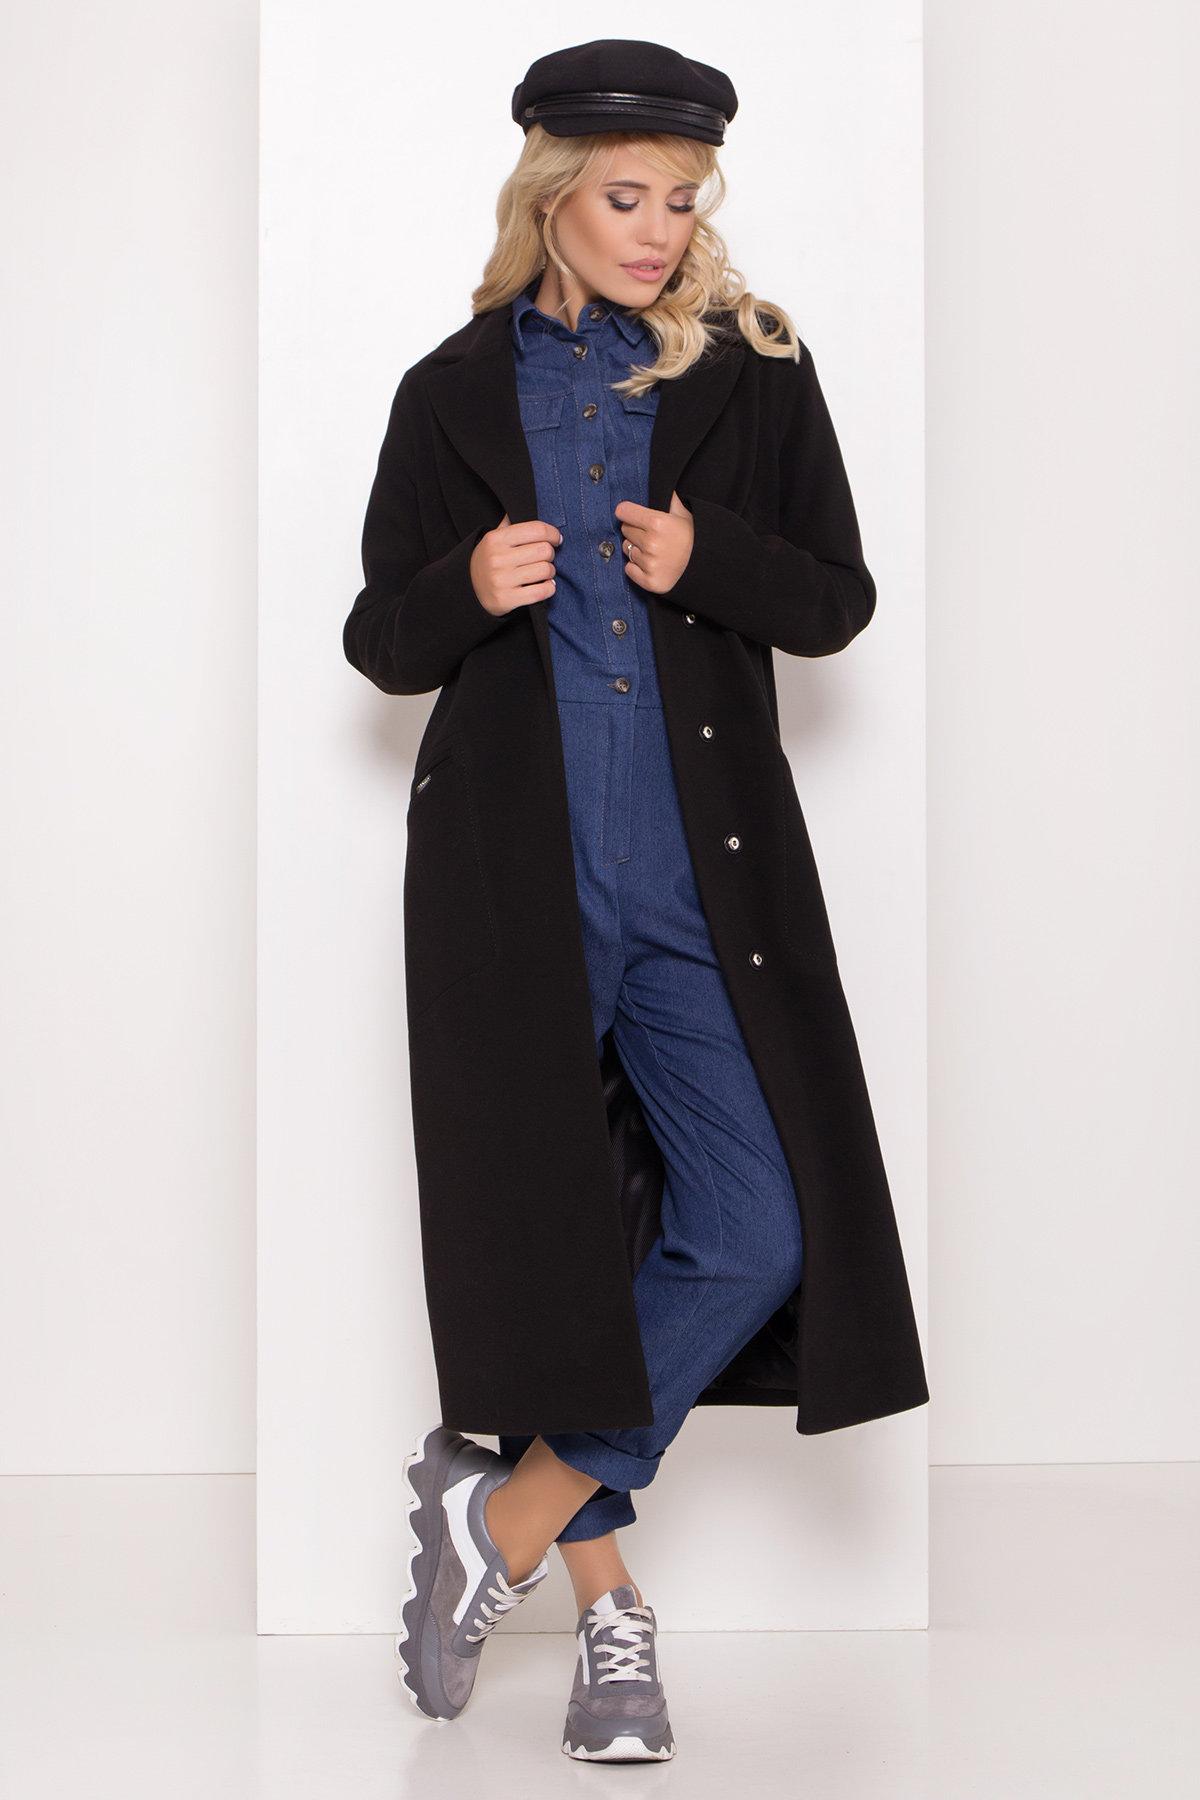 Длинное демисезонное пальто Ждана лайт 8111 АРТ. 44060 Цвет: чёрный - фото 1, интернет магазин tm-modus.ru